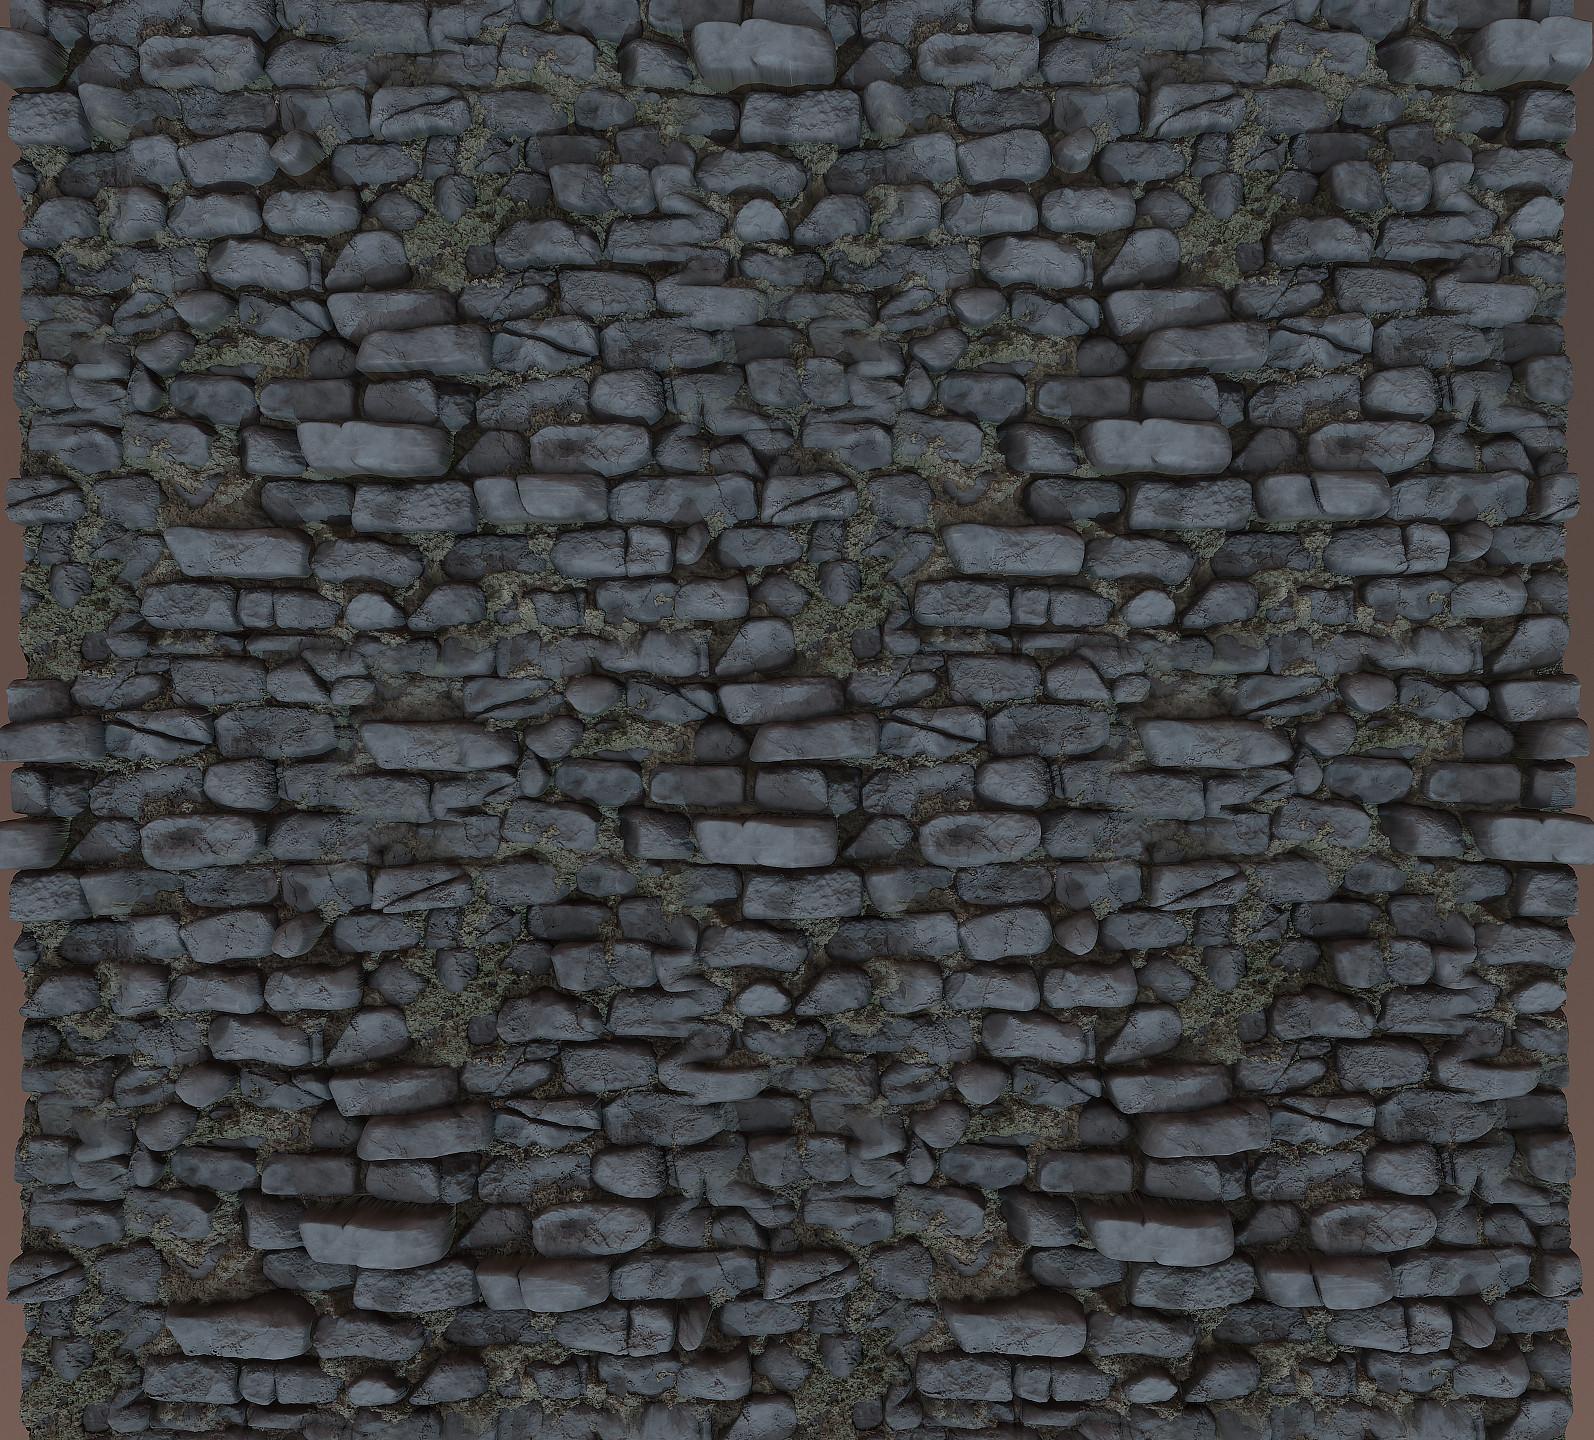 Anthony pitts screenshotgreybrick01